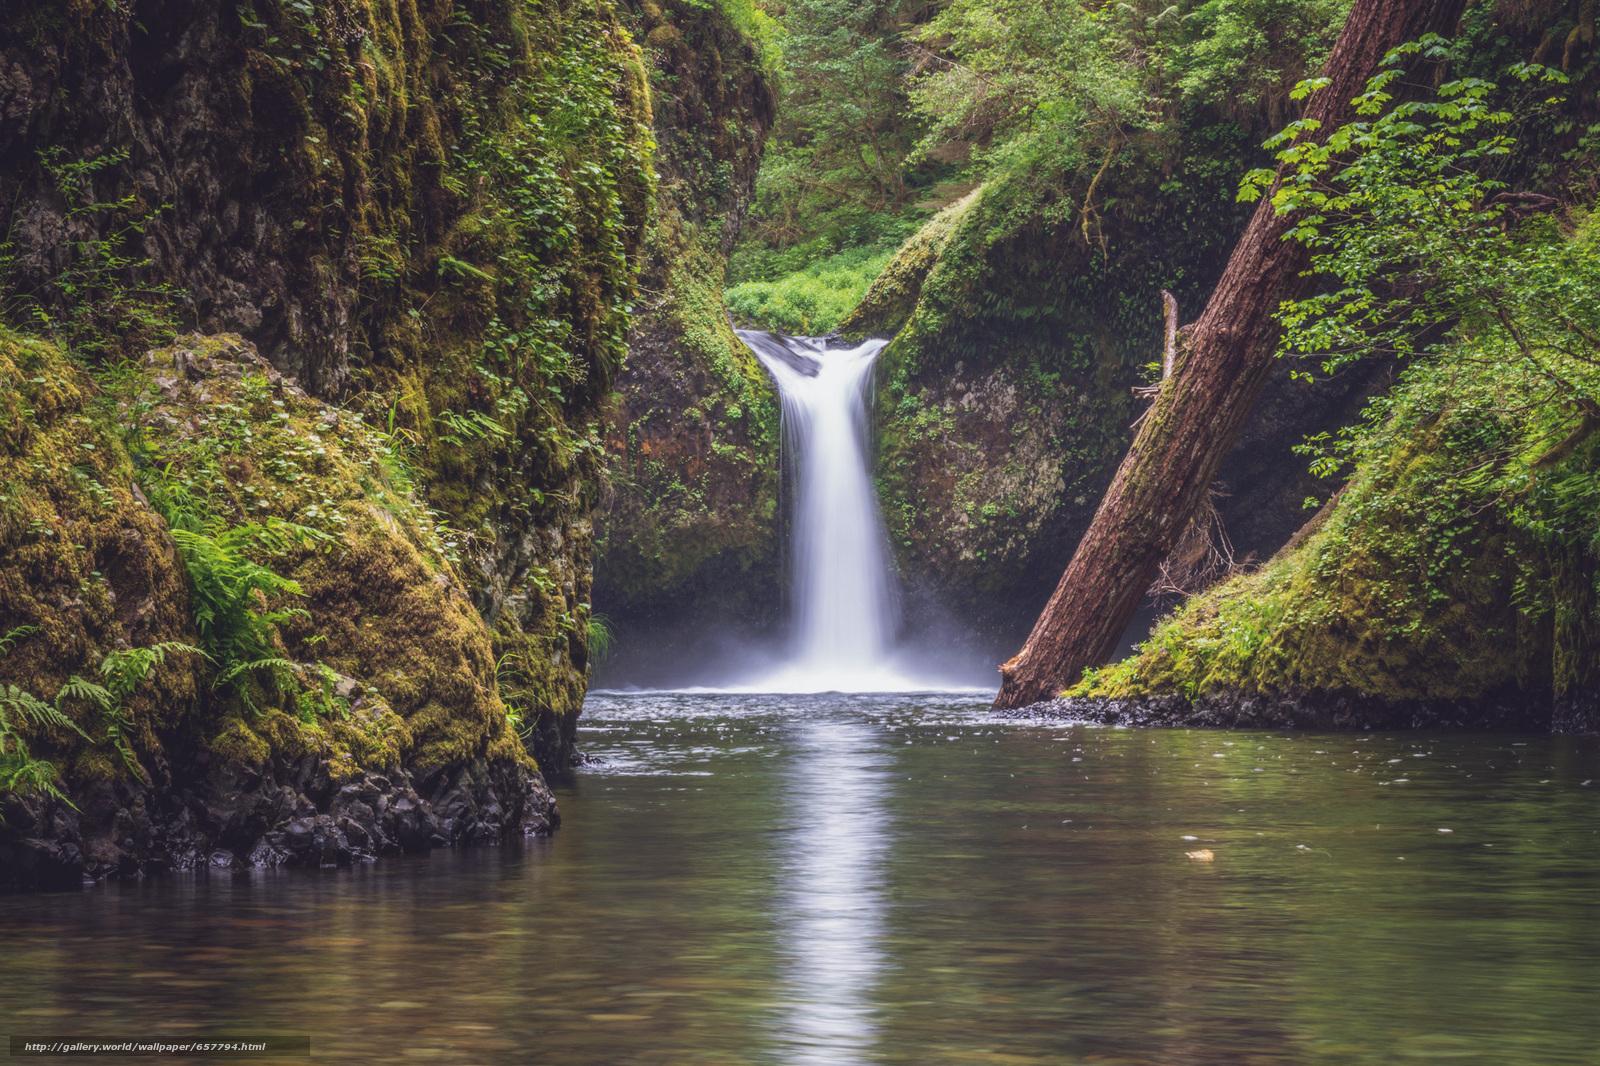 Скачать обои Punchbowl Falls,  Columbia River Gorge,  водопад,  река бесплатно для рабочего стола в разрешении 2000x1333 — картинка №657794